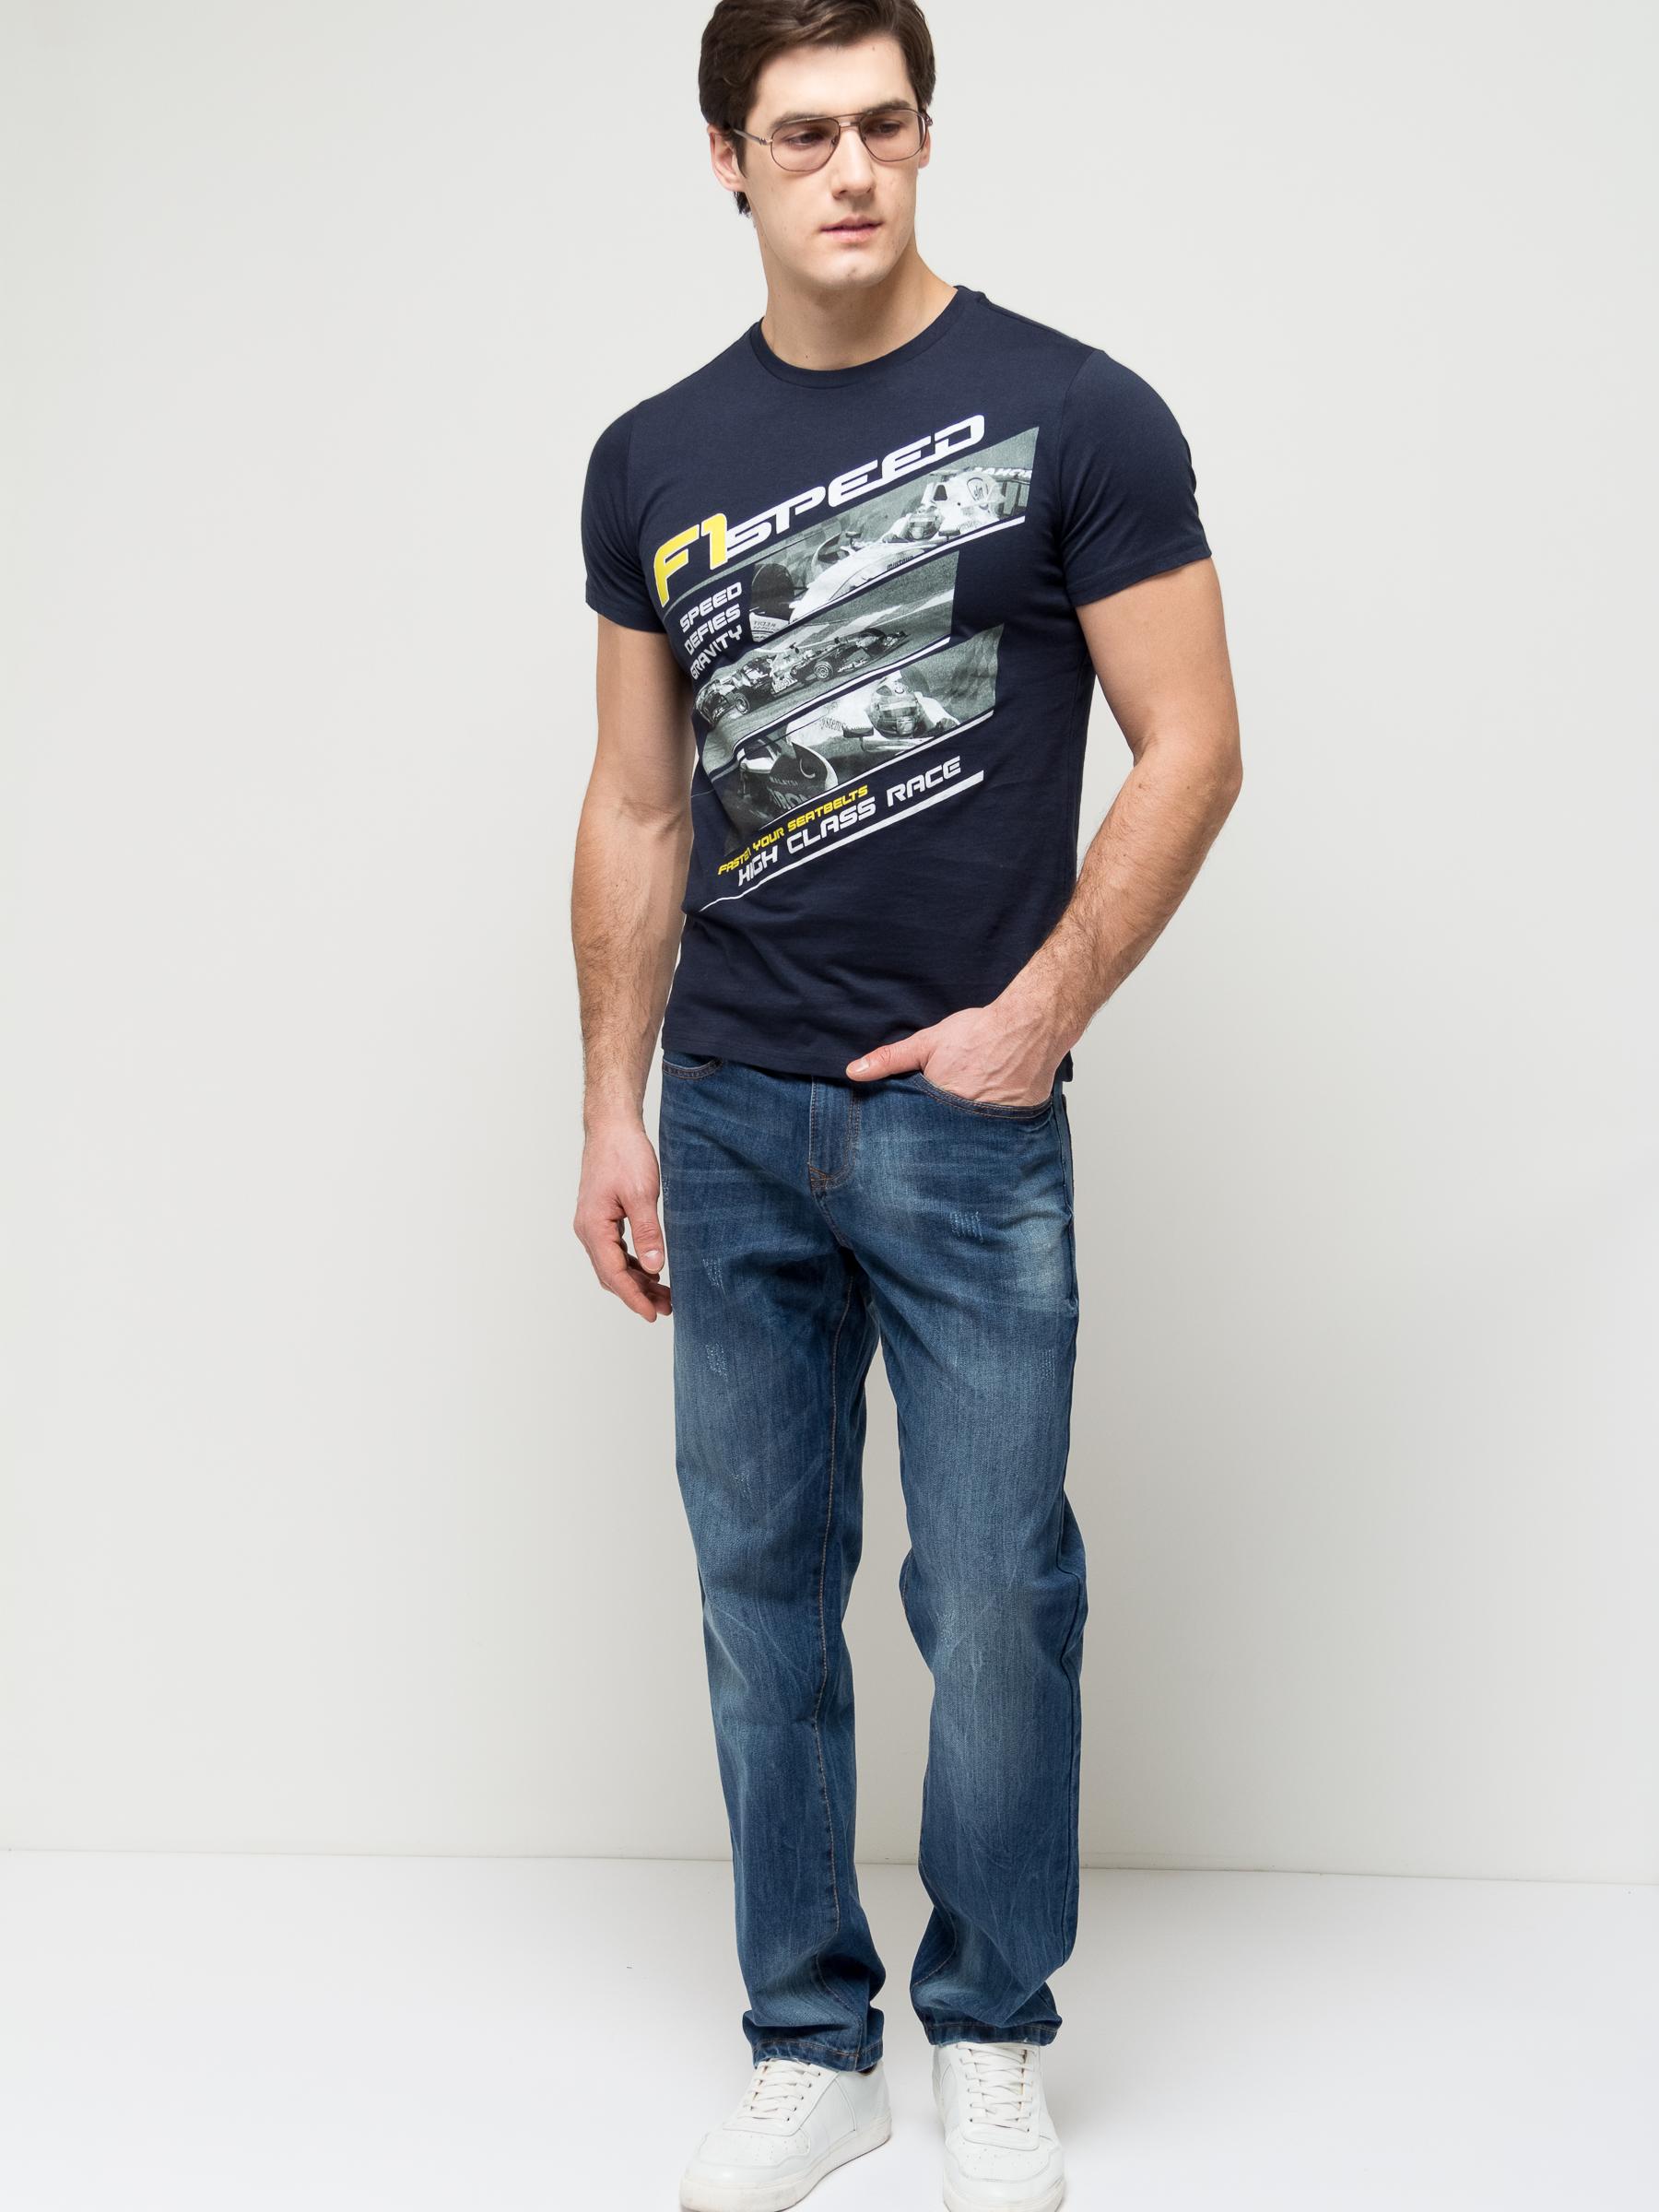 Джинсы мужские Sela, цвет: синий джинс. PJ-235/1081-7161. Размер 28-32 (44-32)PJ-235/1081-7161Стильные мужские джинсы Sela, изготовленные из качественного хлопкового материала с потертостями, станут отличным дополнением гардероба. Джинсы прямого кроя и стандартной посадки на талии застегиваются на застежку-молнию и пуговицу. На поясе имеются шлевки для ремня. Модель представляет собой классическую пятикарманку: два втачных и накладной карманы спереди и два накладных кармана сзади.